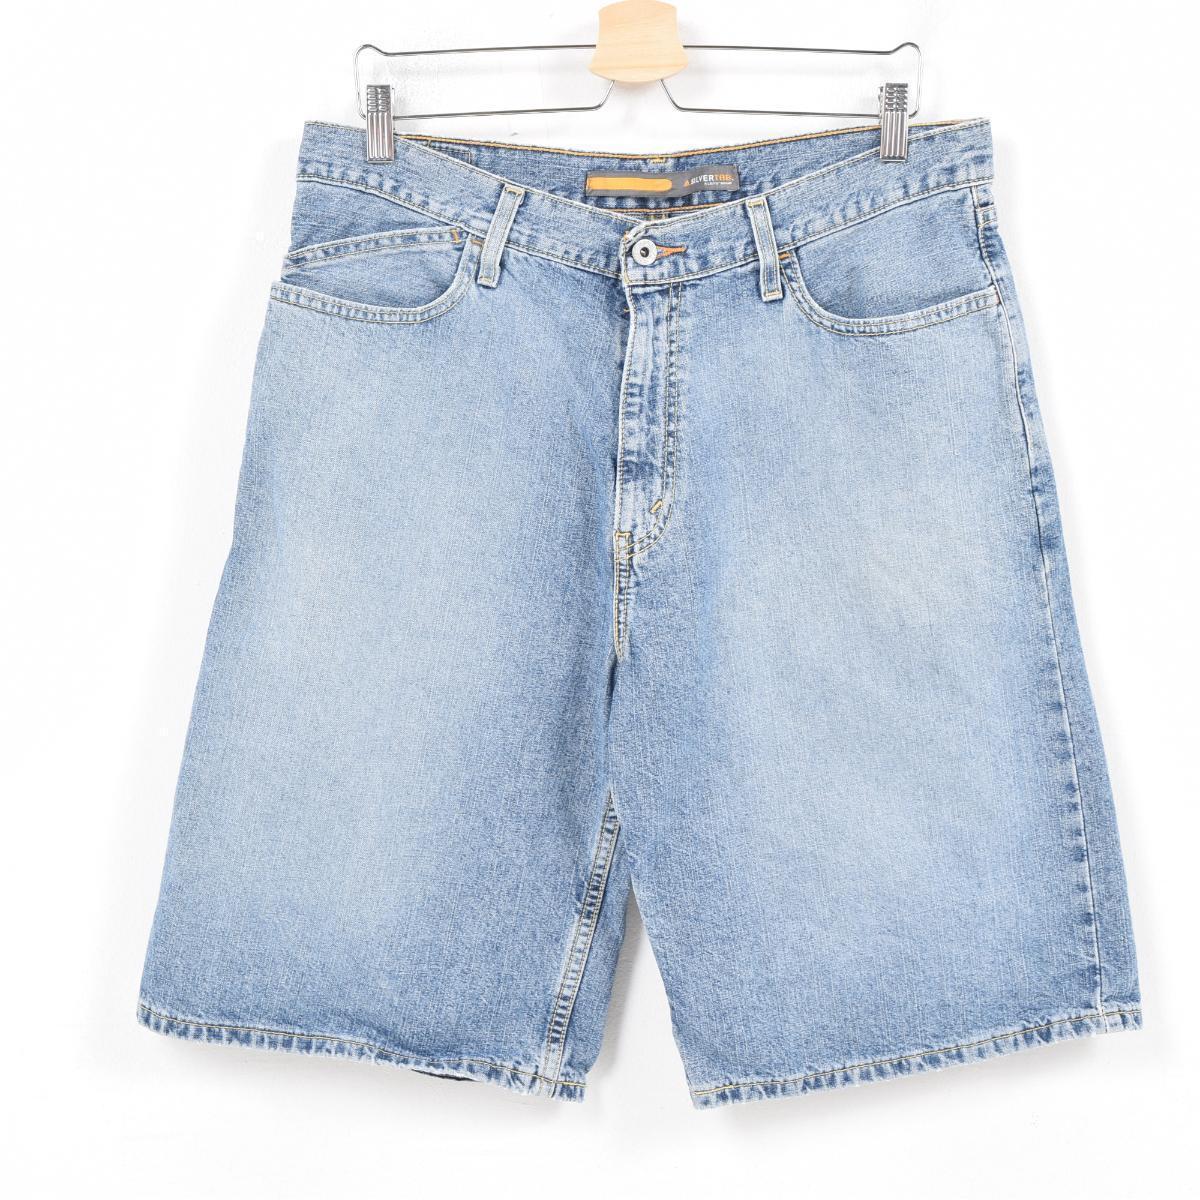 loose denim shorts